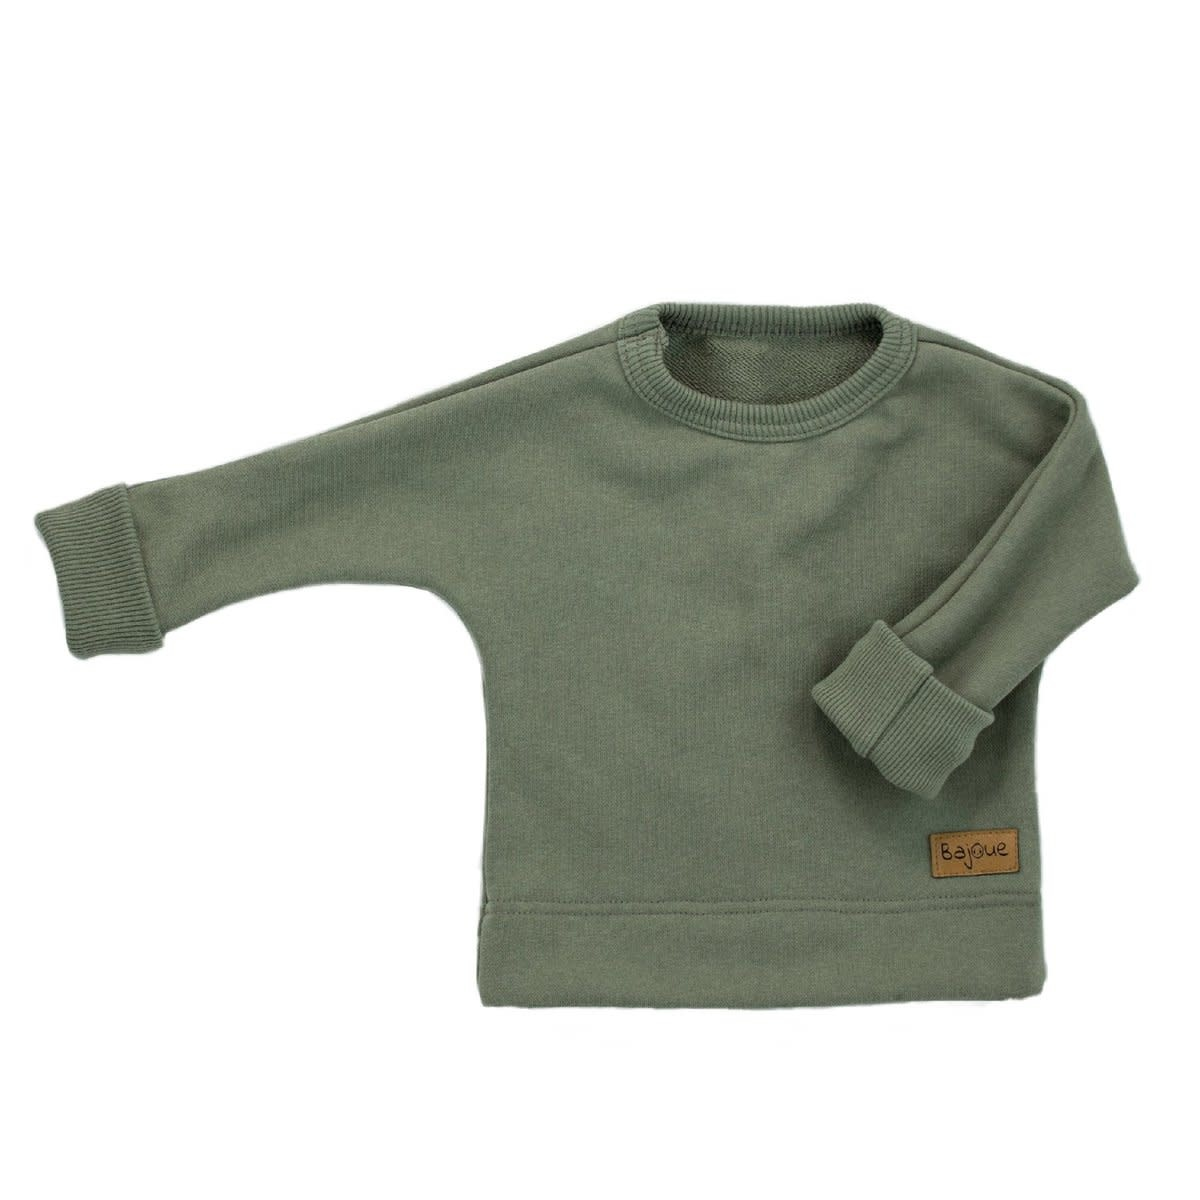 Bajoue Savana Evolutive Sweater